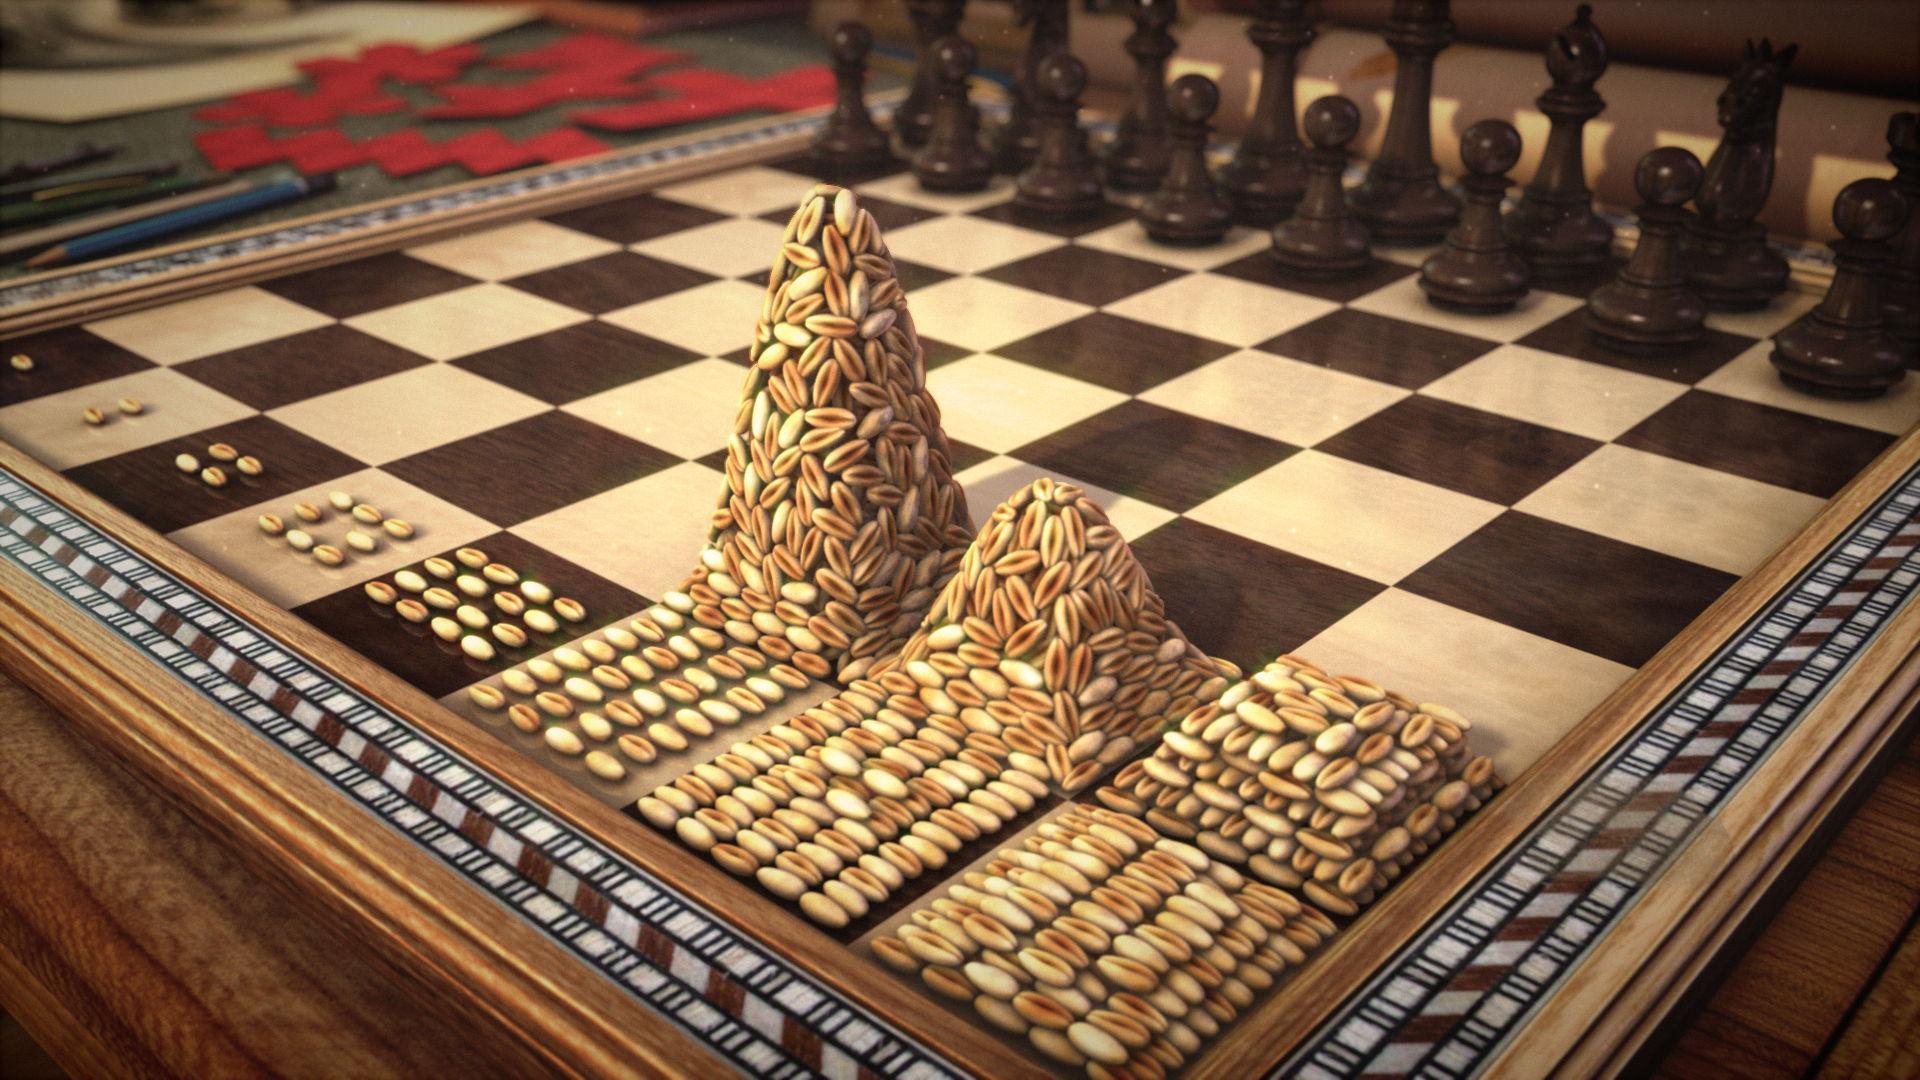 Шах и мат — история и легенды шахмат — фото 1